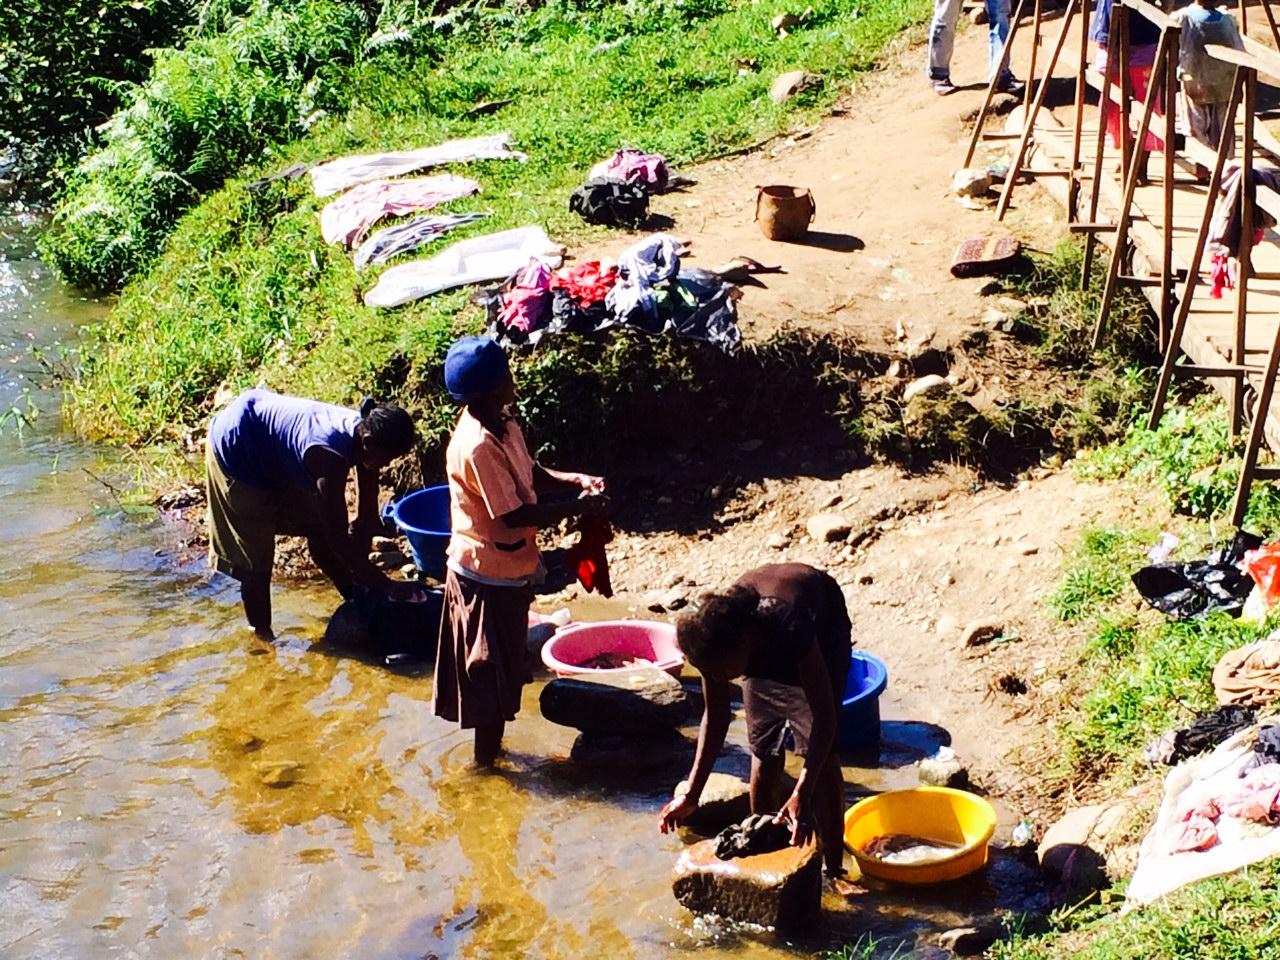 A malgas nők általában fiatalon férjhez mennek és gyereket szülnek, ezután a családjuknak élnek (Fotó: Szabó Nóra)